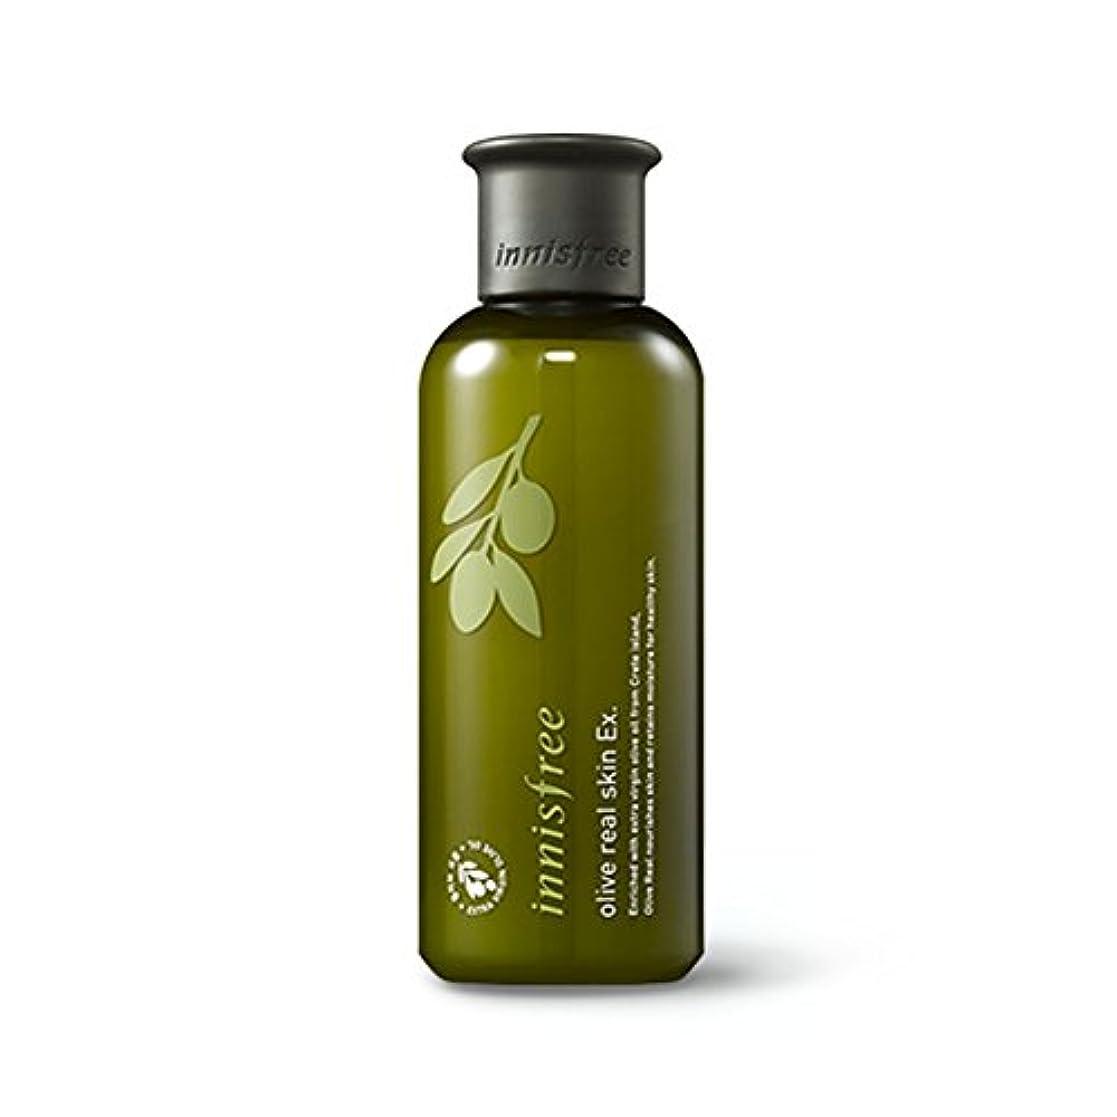 本質的ではない弾丸バージンイニスフリーオリーブリアルスキン 200ml Innisfree Olive Real Skin Ex. 200ml [海外直送品][並行輸入品]